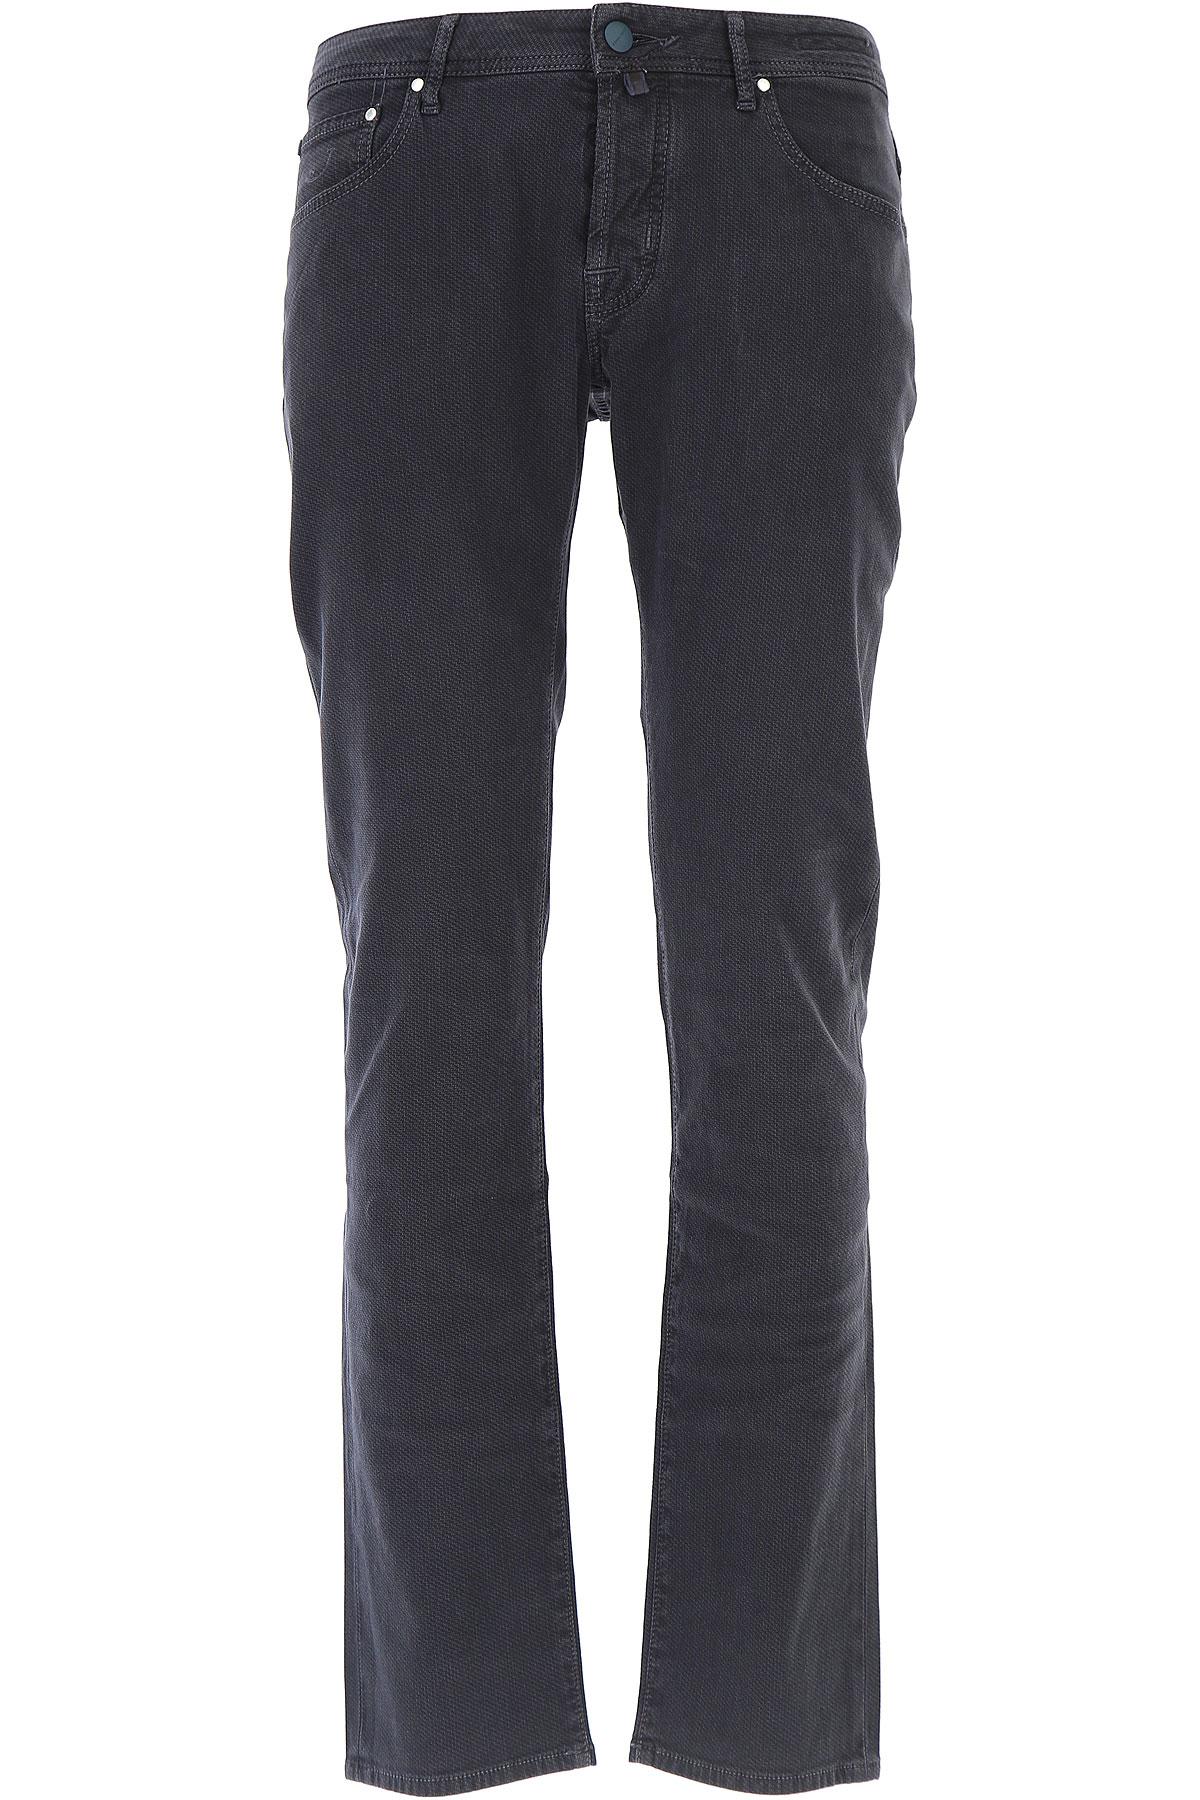 Image of Jacob Cohen Jeans, Blue, Cotton, 2017, US 30 - EU 46 US 31 - EU 47 US 32 - EU 48 US 33 - EU 49 US 34 - EU 50 US 36 - EU 52 US 38 - EU 54